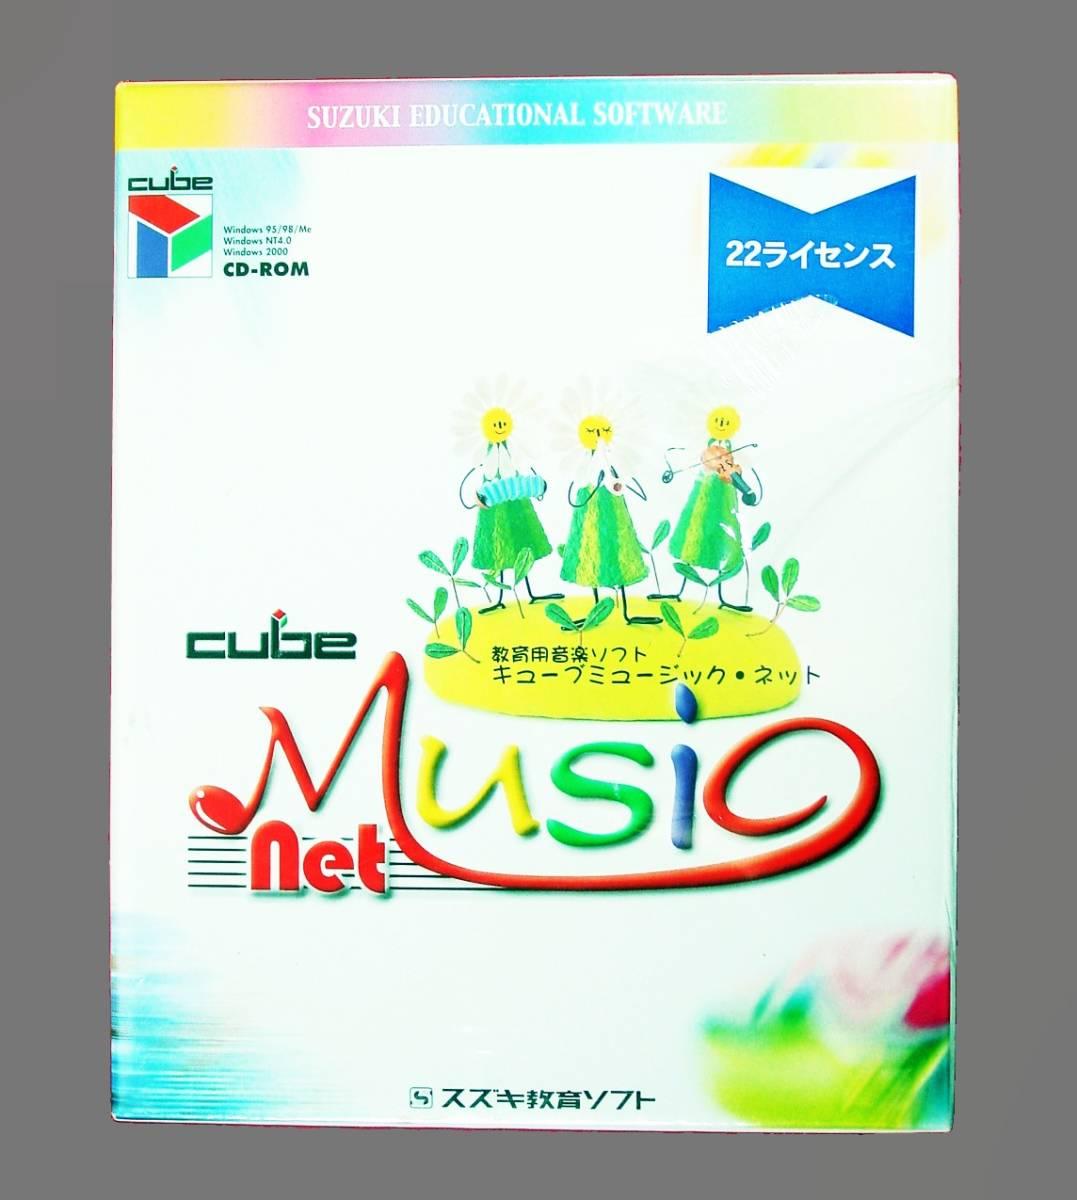 【802】 スズキ教育ソフト Cube Music net 22ライセンス 未開封品 キューブ ミュージック ネット 教育用 音楽 電子 作曲 4988717828222_画像1